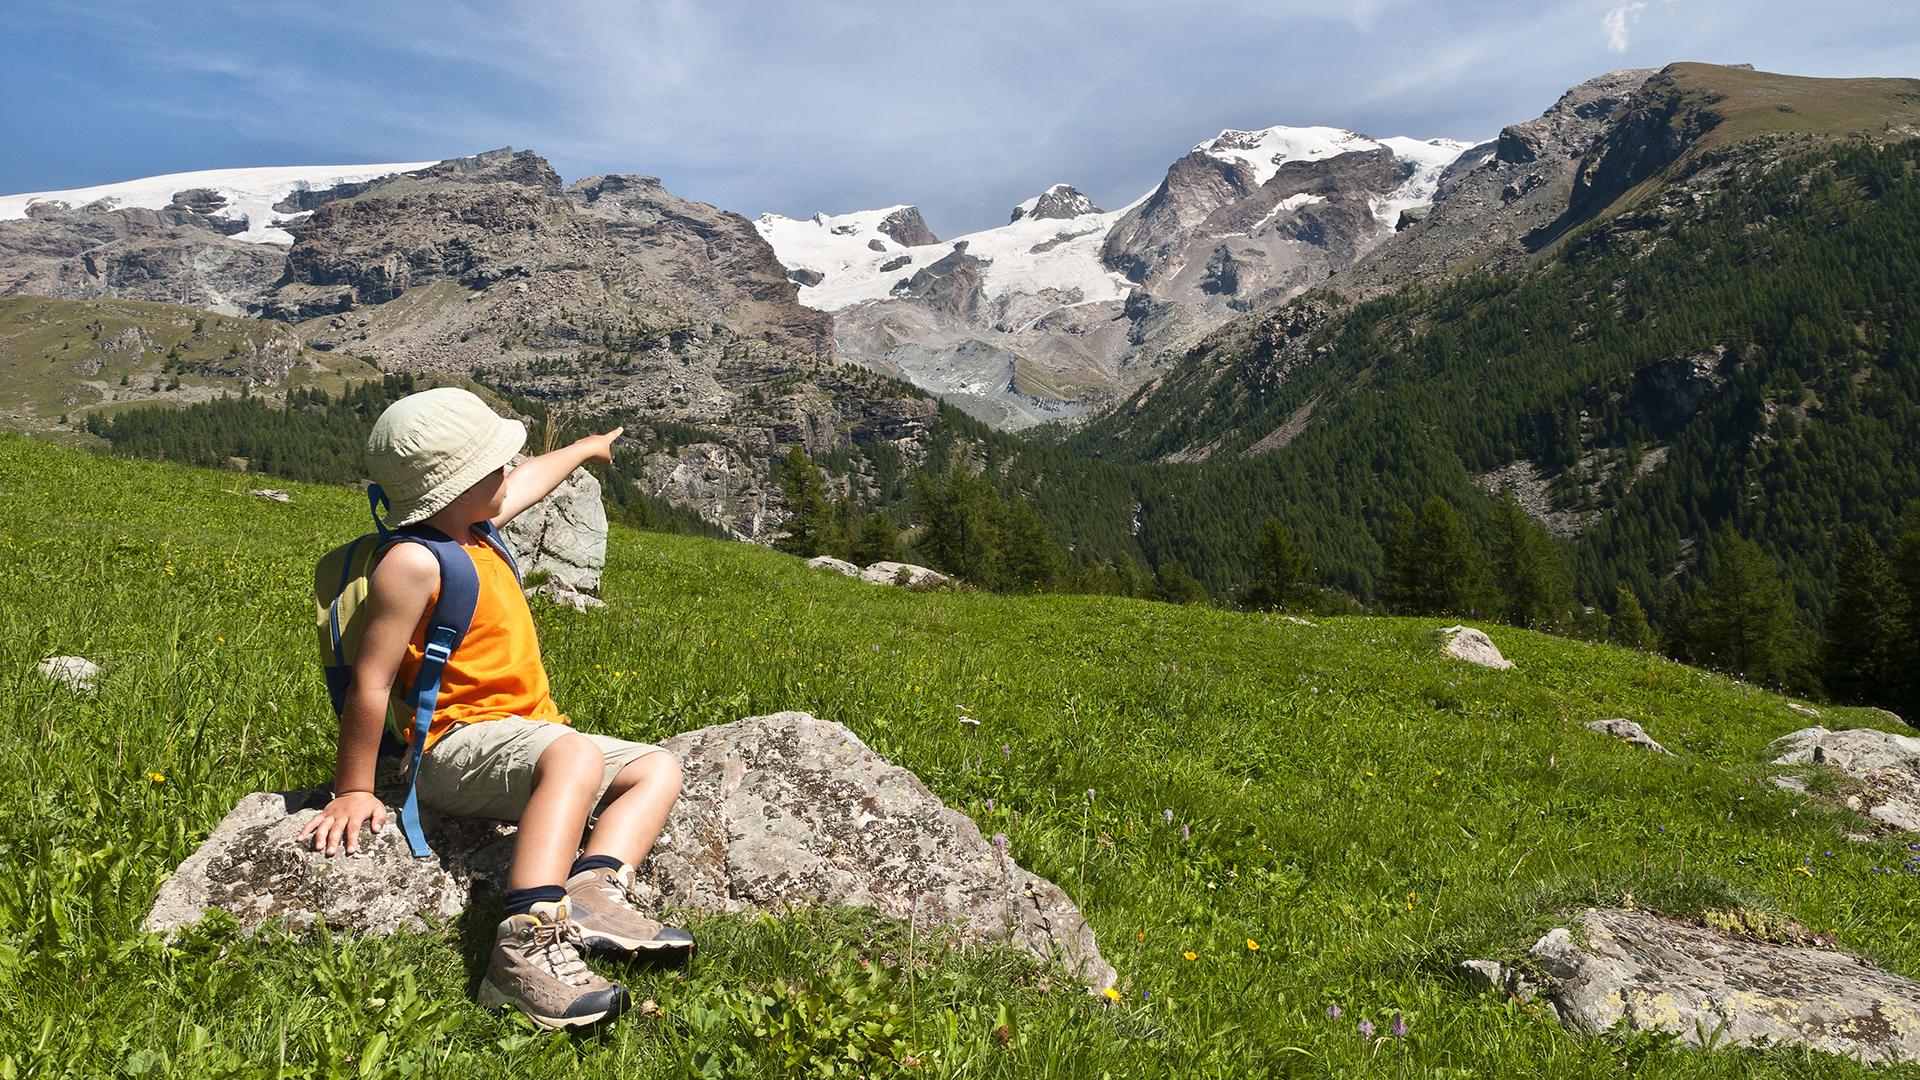 Séjour semaine à la montagne en été - CGH Résidences